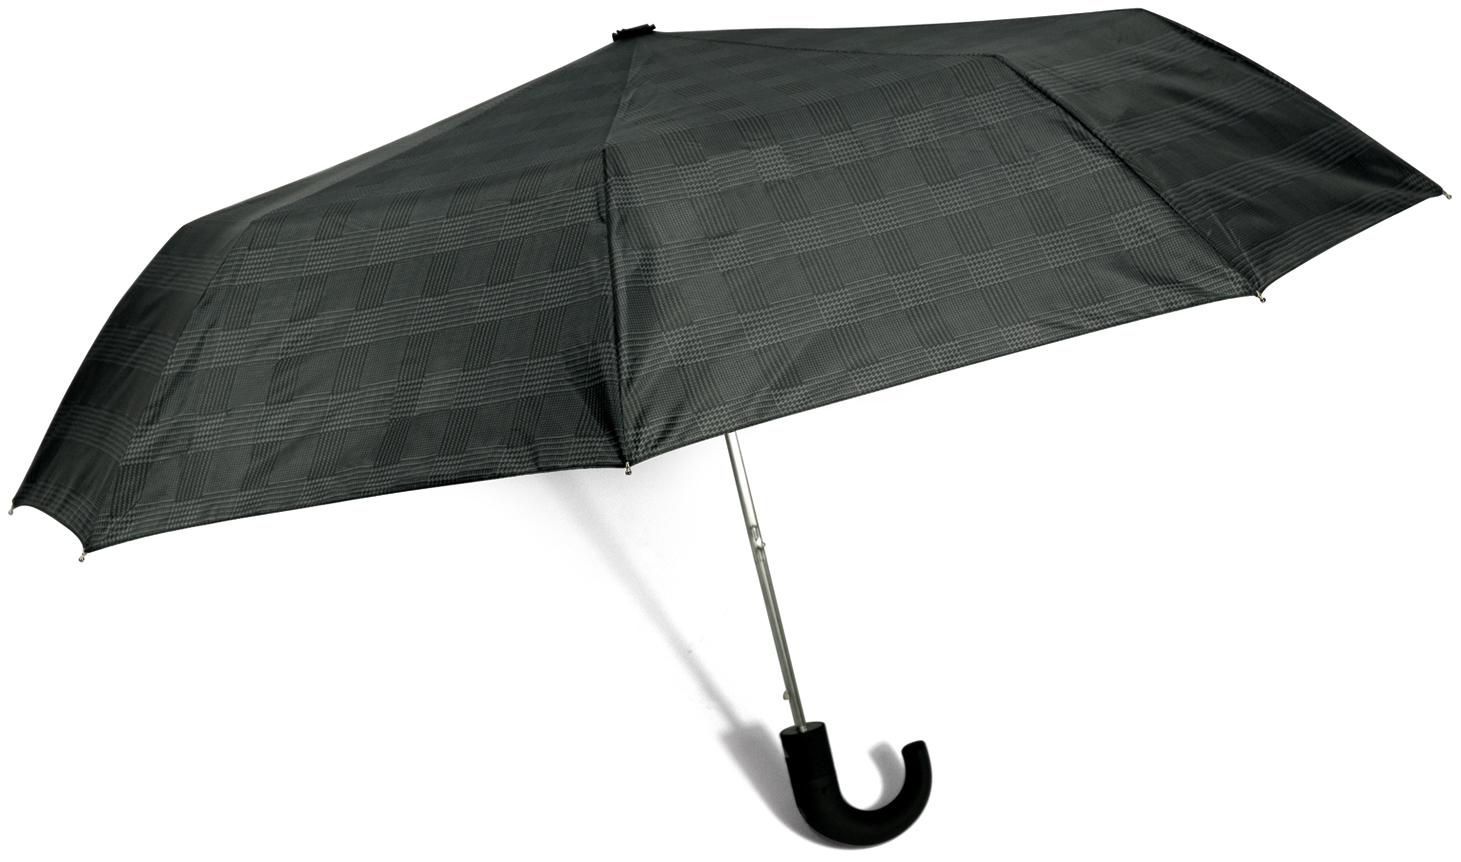 Ομπρέλα 55εκ. benzi 033 Black-Karo - benzi - BZ-033-black-karo ειδη οικ  χρησησ ομπρέλες